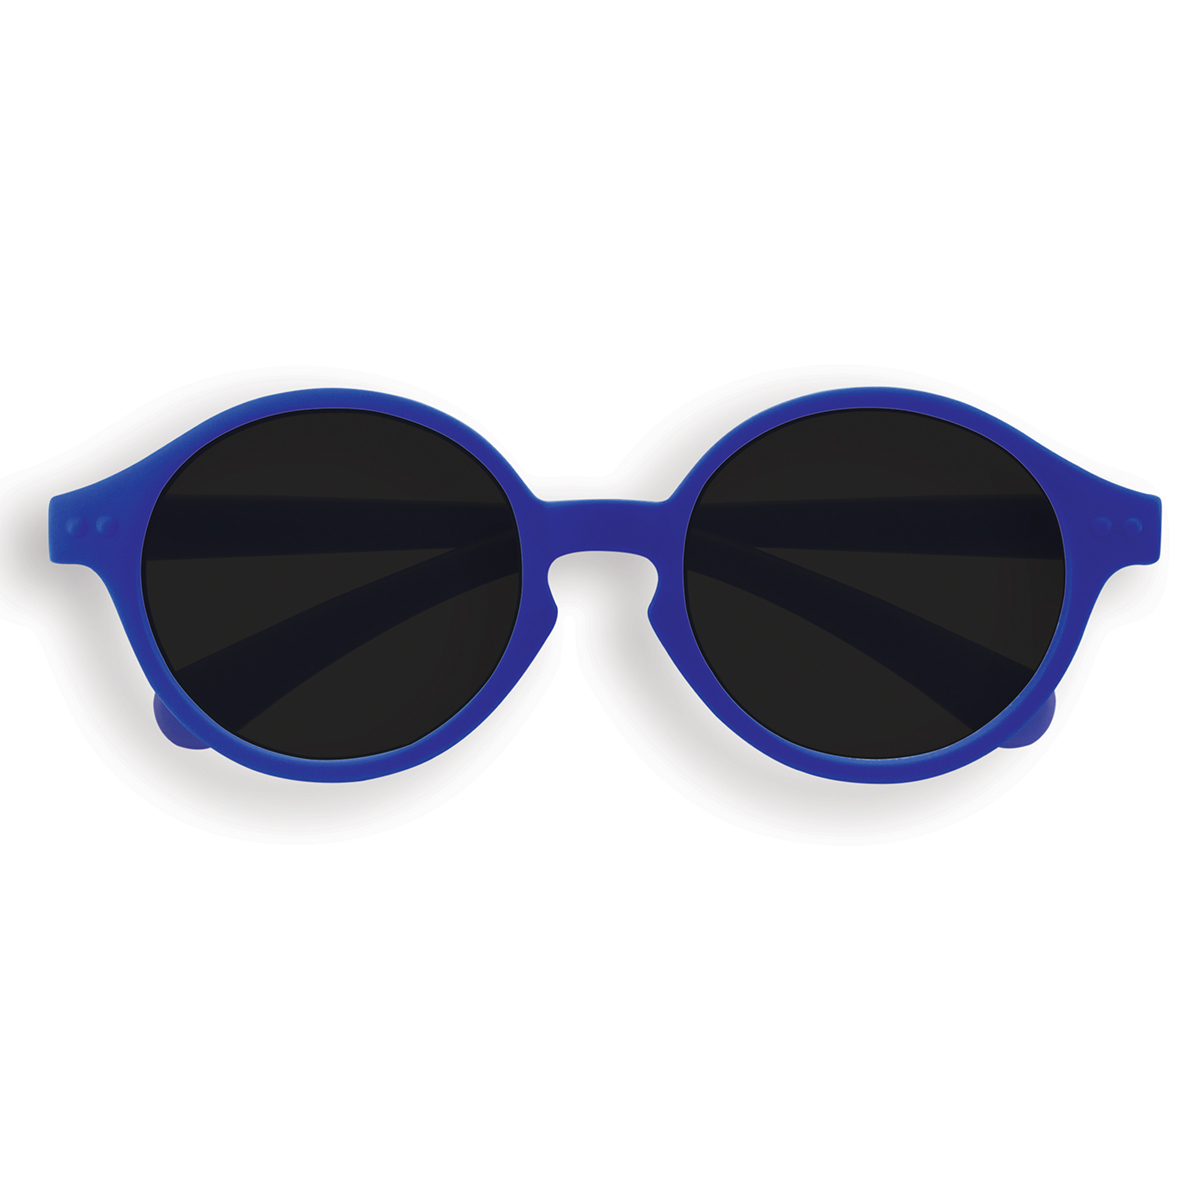 Accessoires bébé Lunettes de Soleil Sun Kids 12/36 Mois - Marine Blue